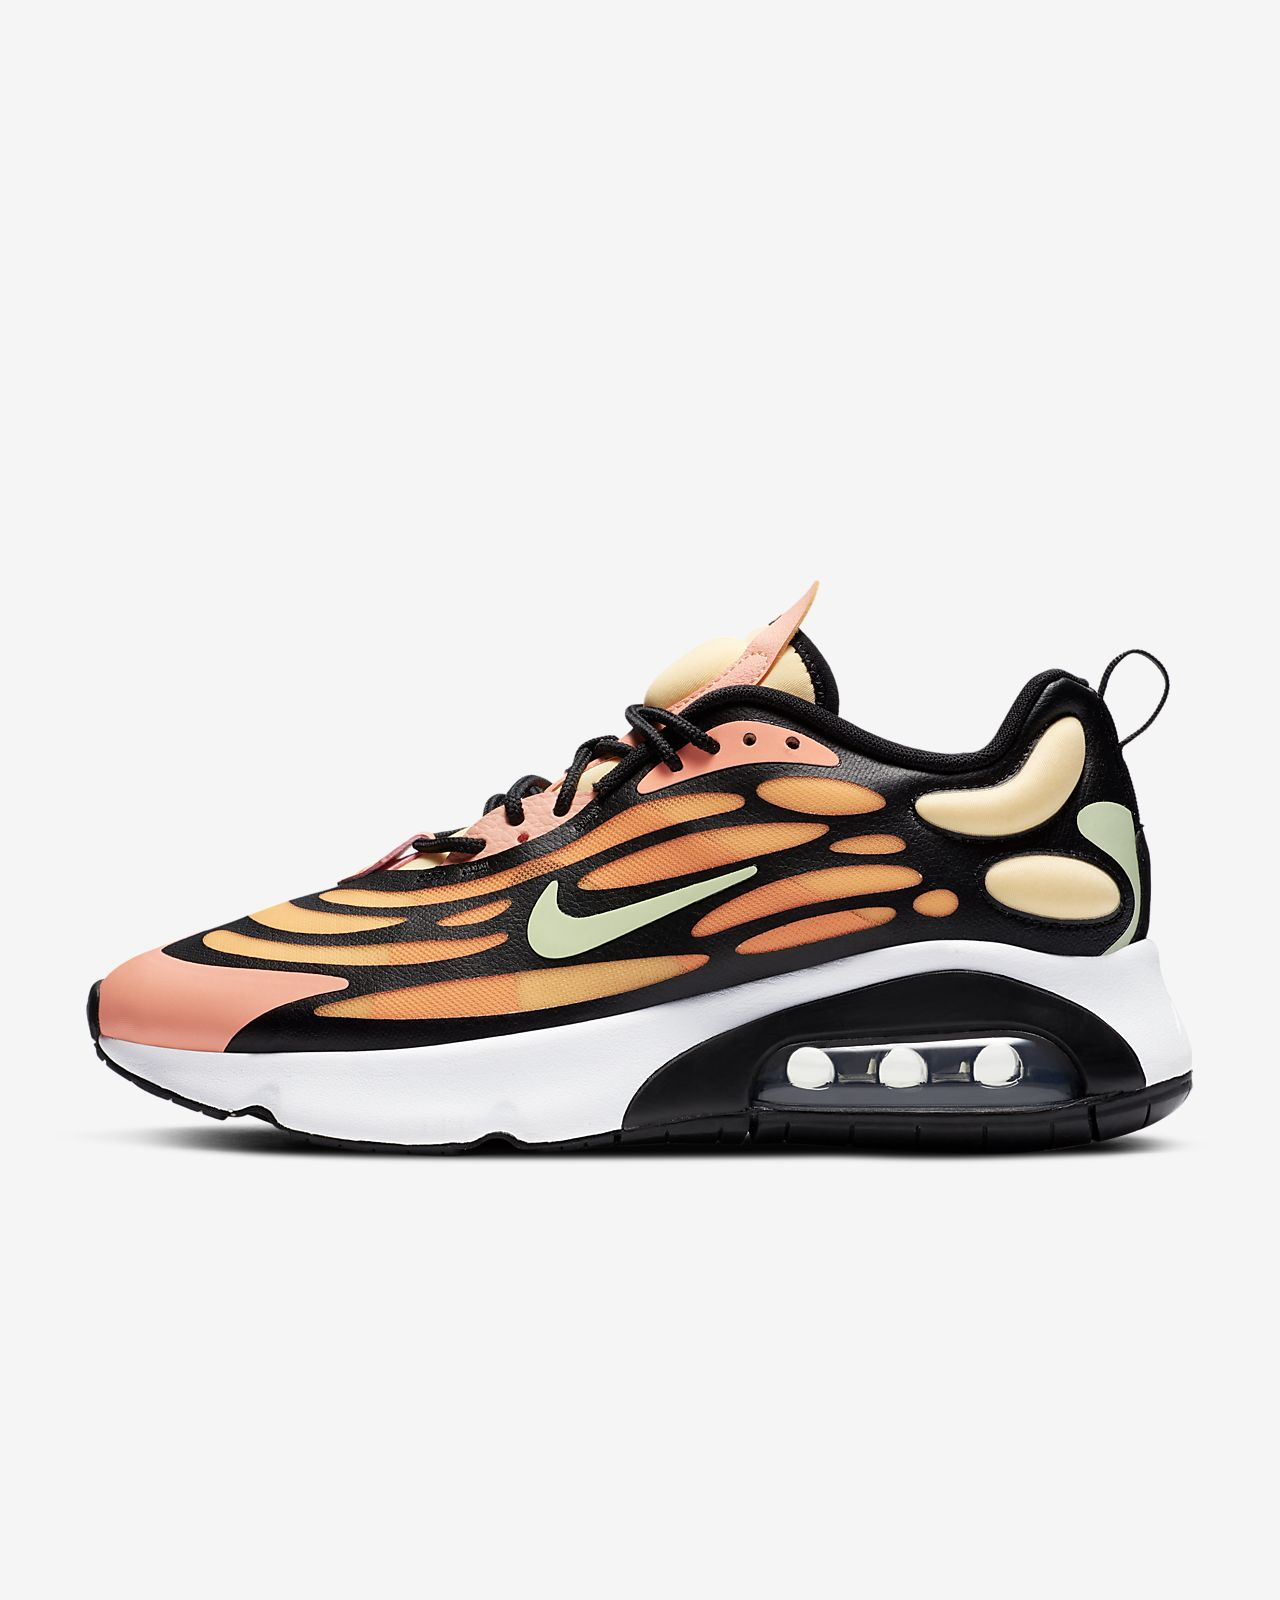 Nike Air Max Exosense 男子运动鞋